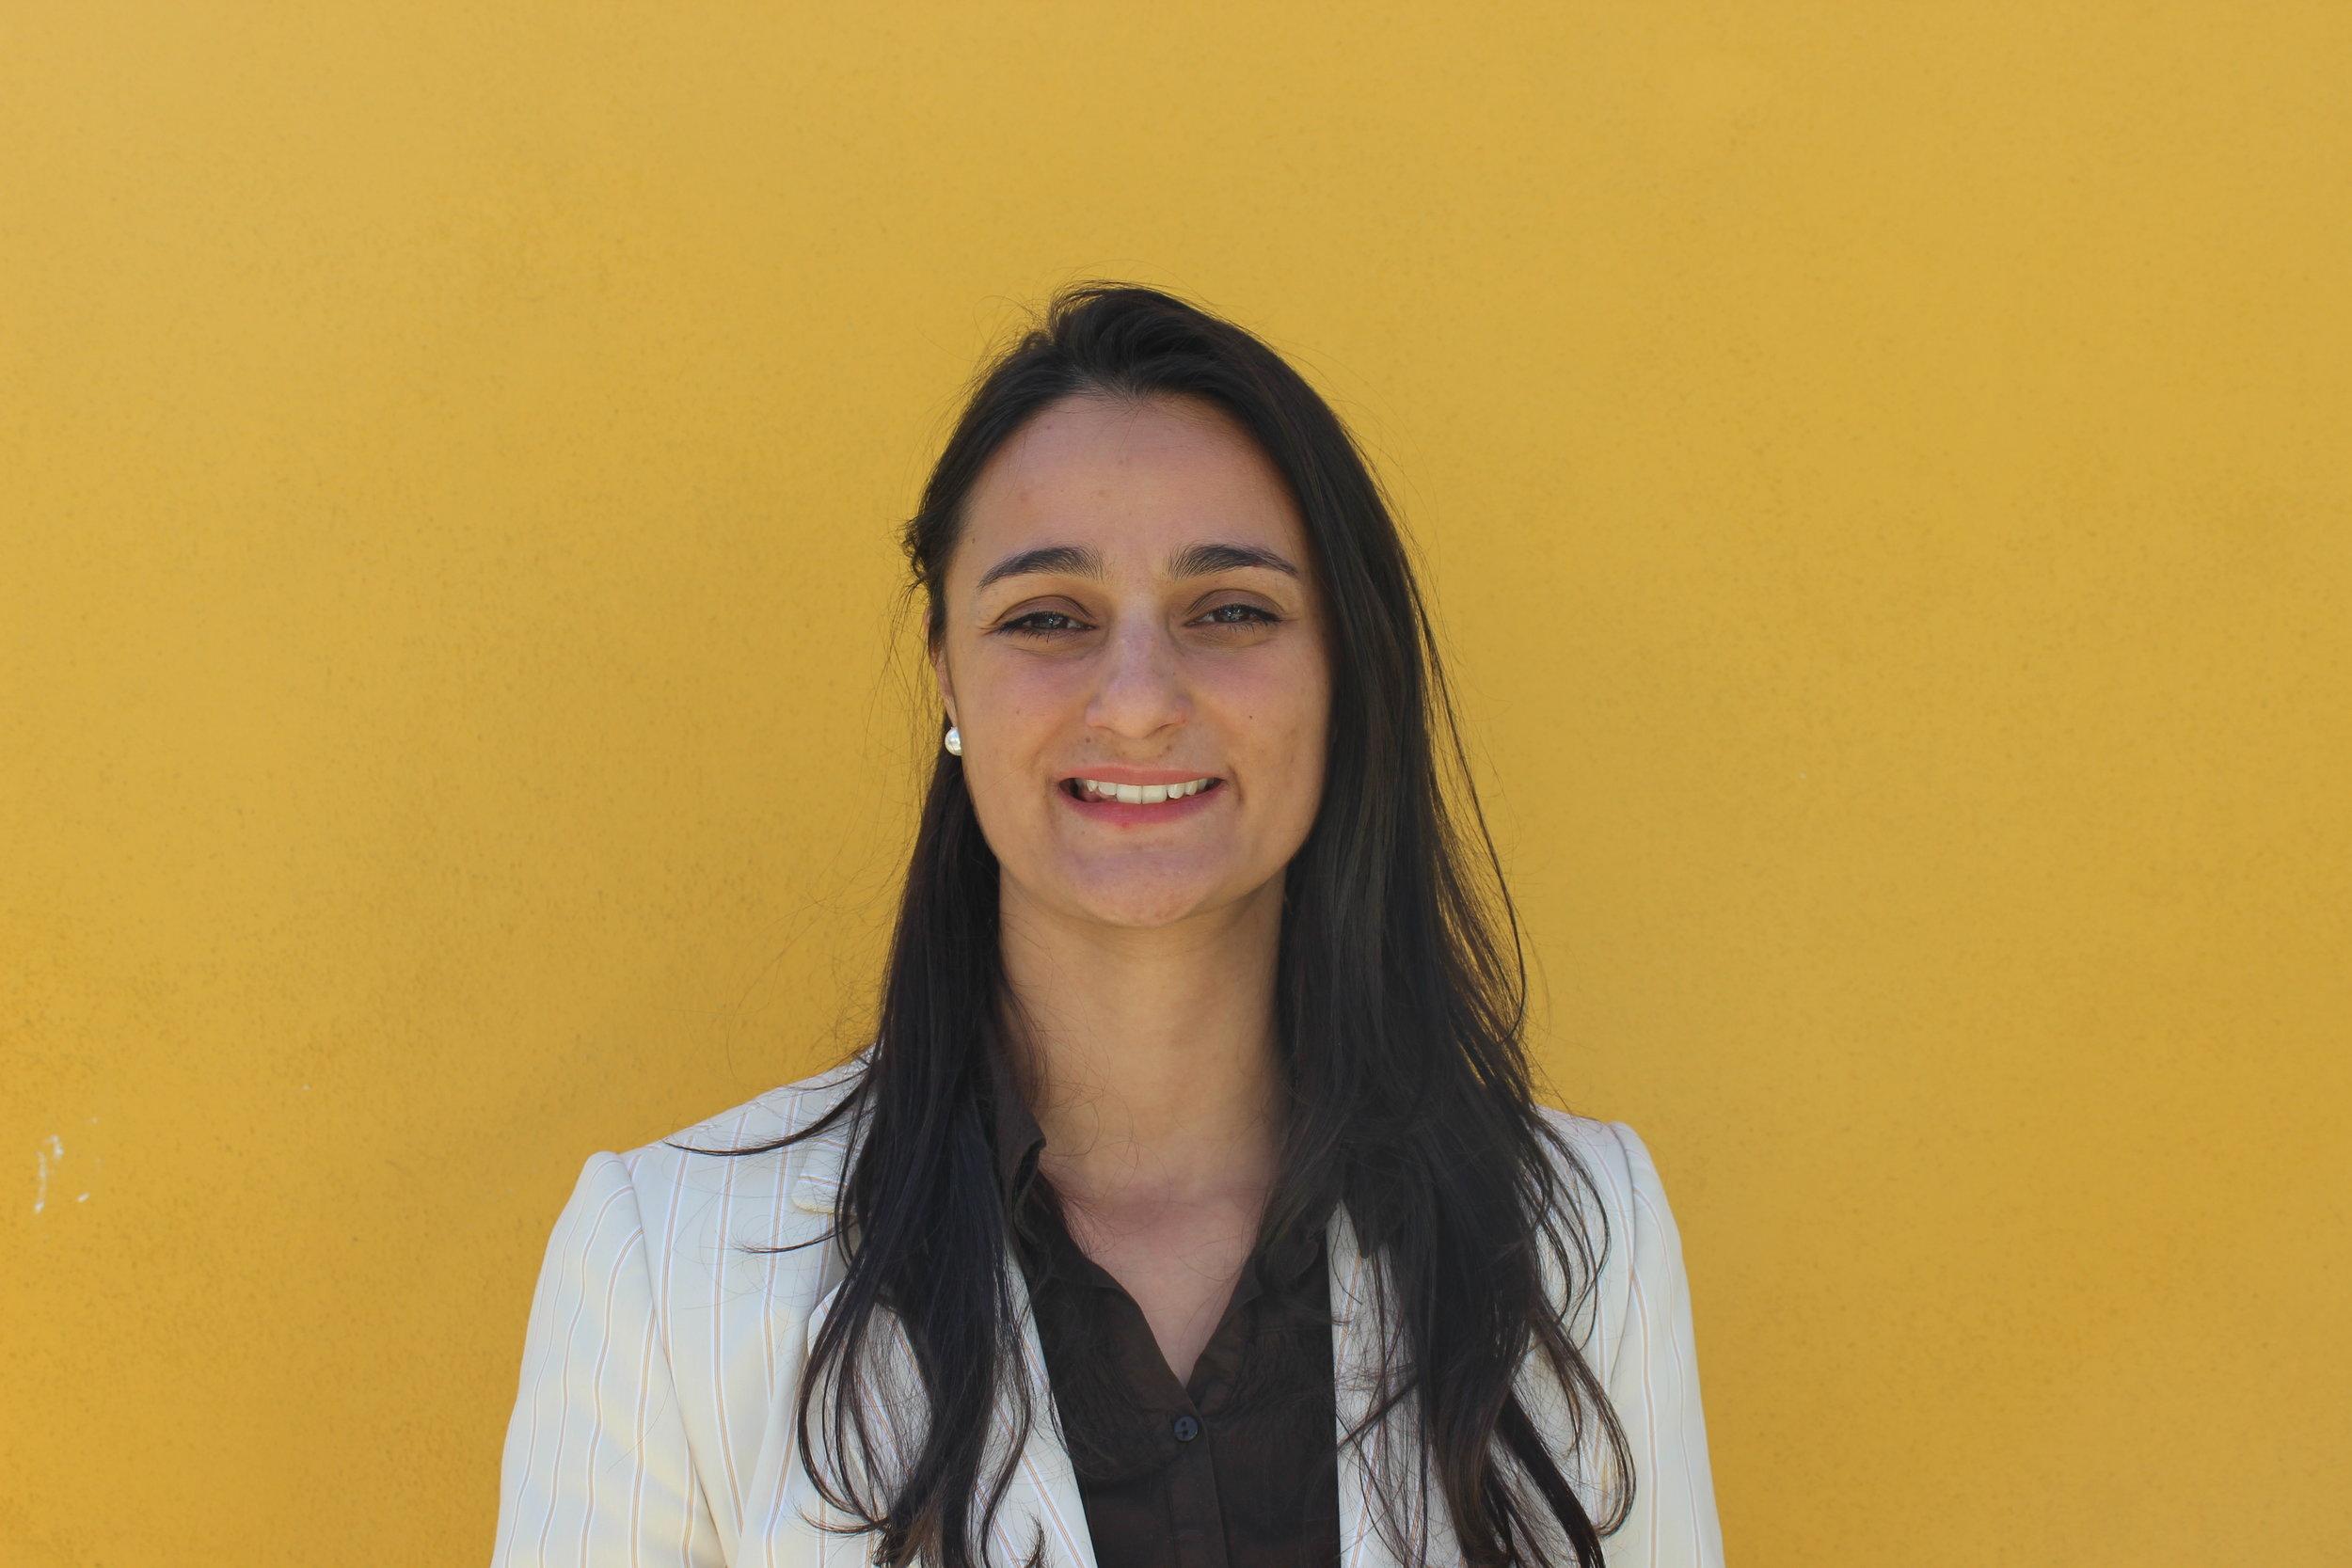 MARTA BICHO  Professora Auxiliar de Marketing e Coordenadora da Licenciatura em Gestão de Marketing no IPAM (Instituto Português de Administração e Marketing). Paralelamente, é consultora e formadora em Marketing e Desenvolvimento Pessoal. Como experiência profissional exerceu funções de Customer Relationship Marketing e Gestão de Comunicação. Colaborou ainda, como consultora em projectos sociais e realizou voluntariado internacional, em Moçambique. É doutorada em Marketing e licenciada em Gestão (ISCTE- Business School).   SUPER PODER -  Fusão entre Visão + Foco. Visão como a capacidade de ver as possibilidades e Foco como a capacidade para as implementar e orientar com o objectivo de alavancar o melhor de cada projecto